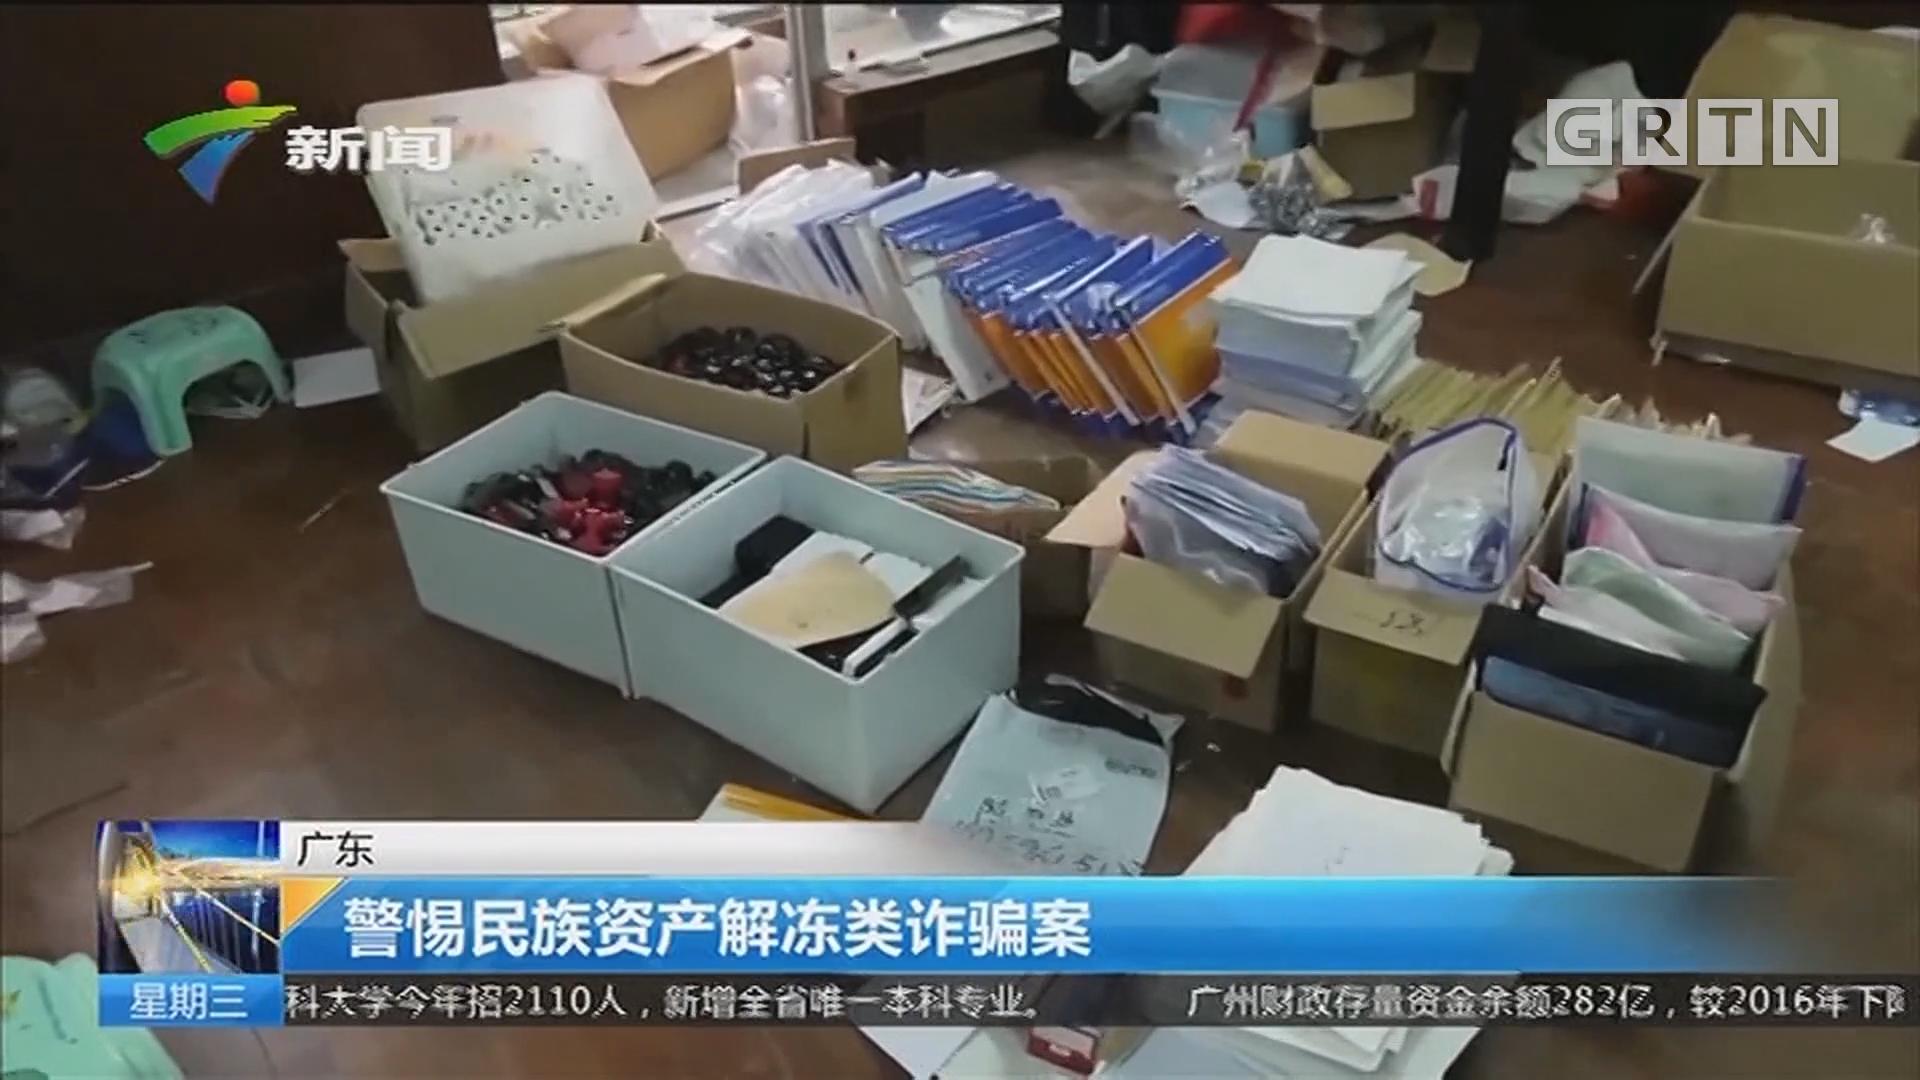 广东:警惕民族资产解冻类诈骗案